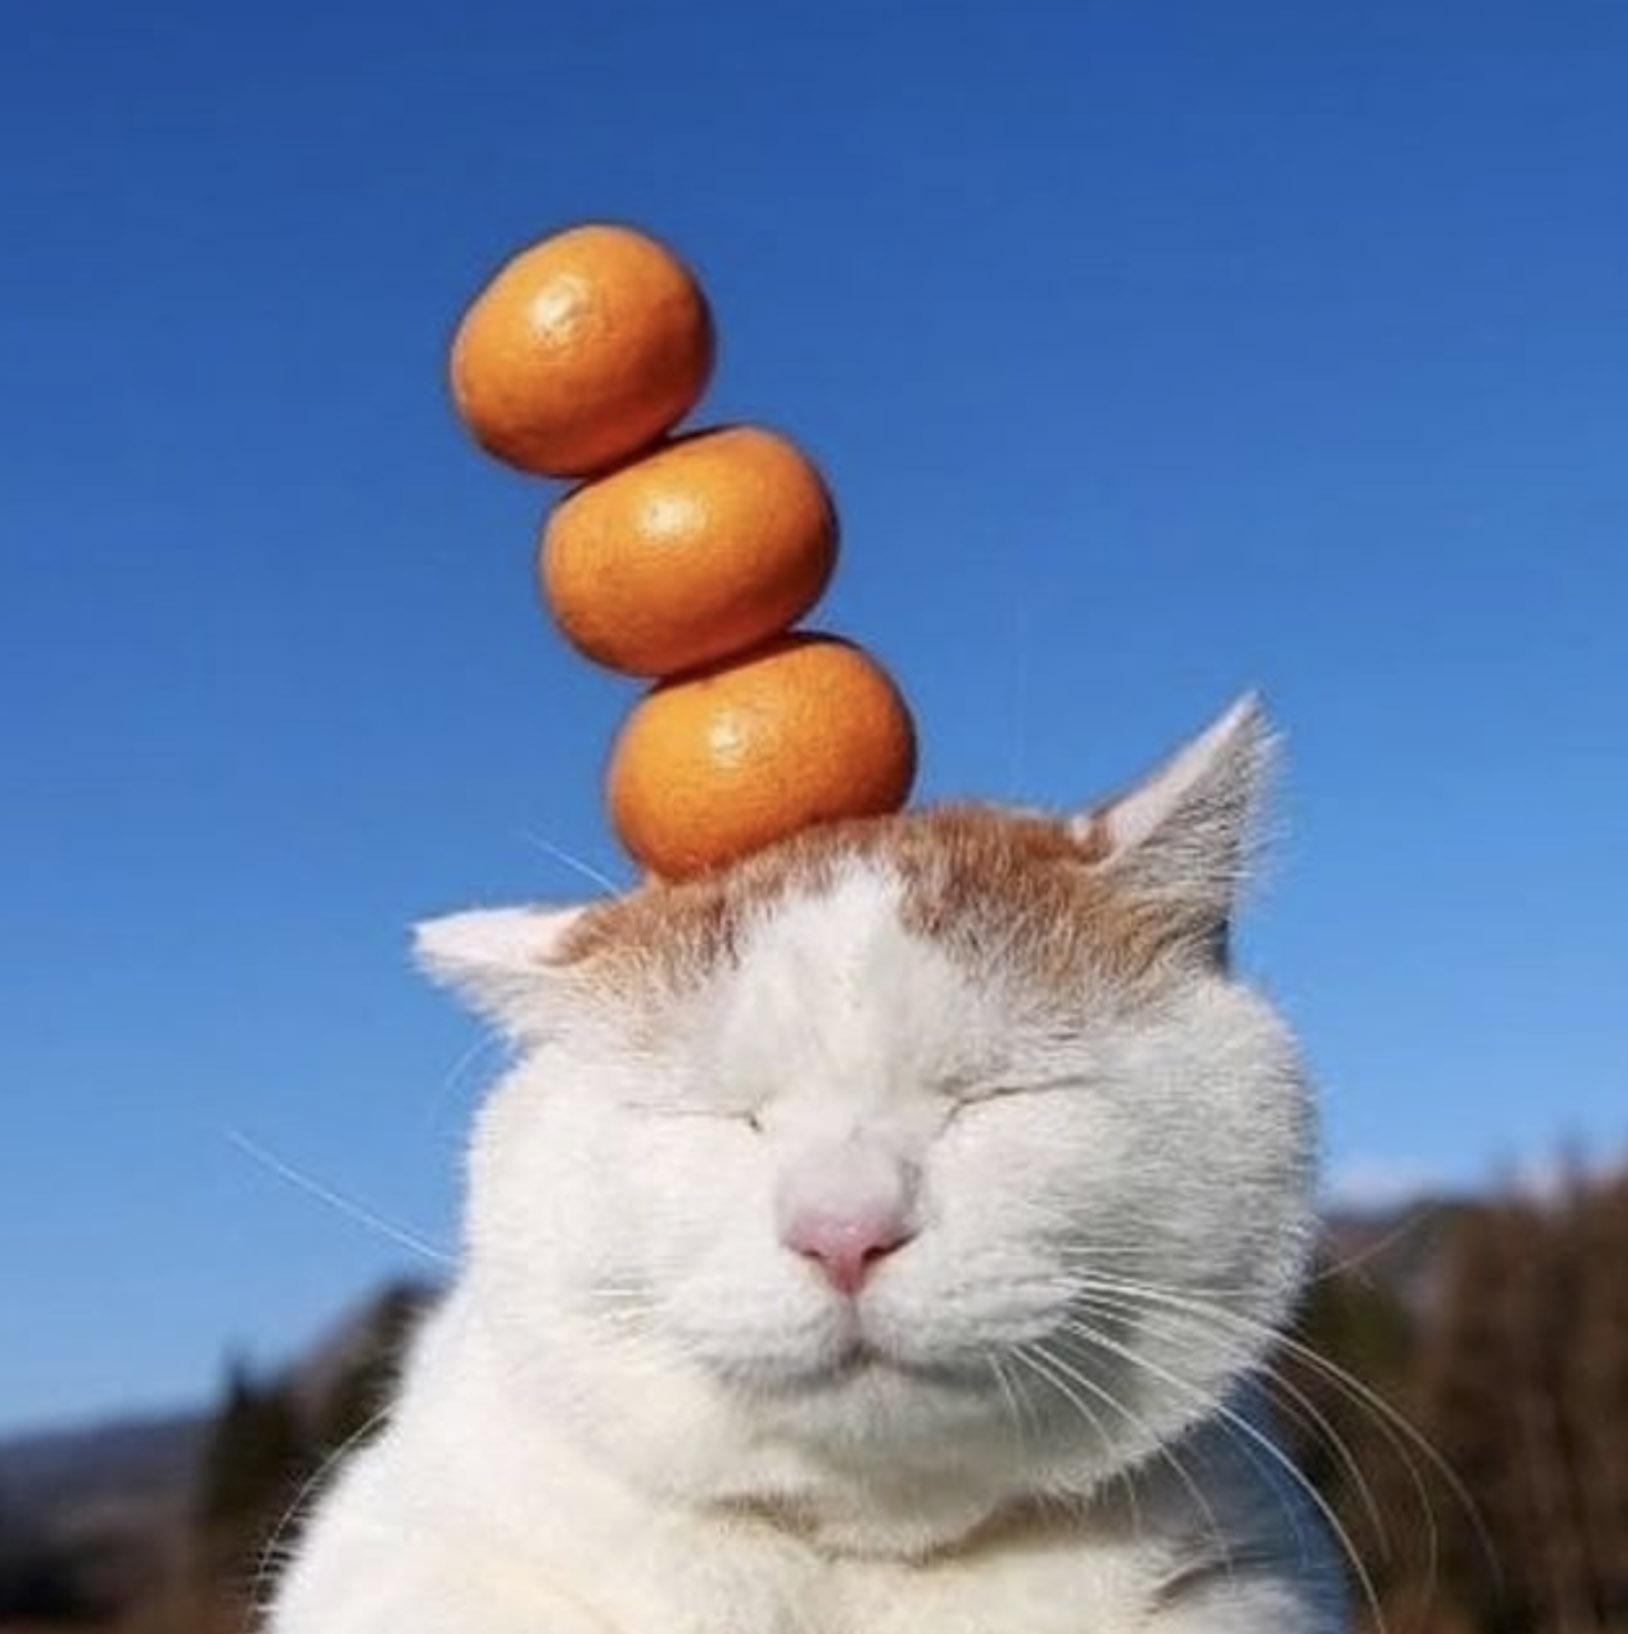 кот держит мандаринки на голове